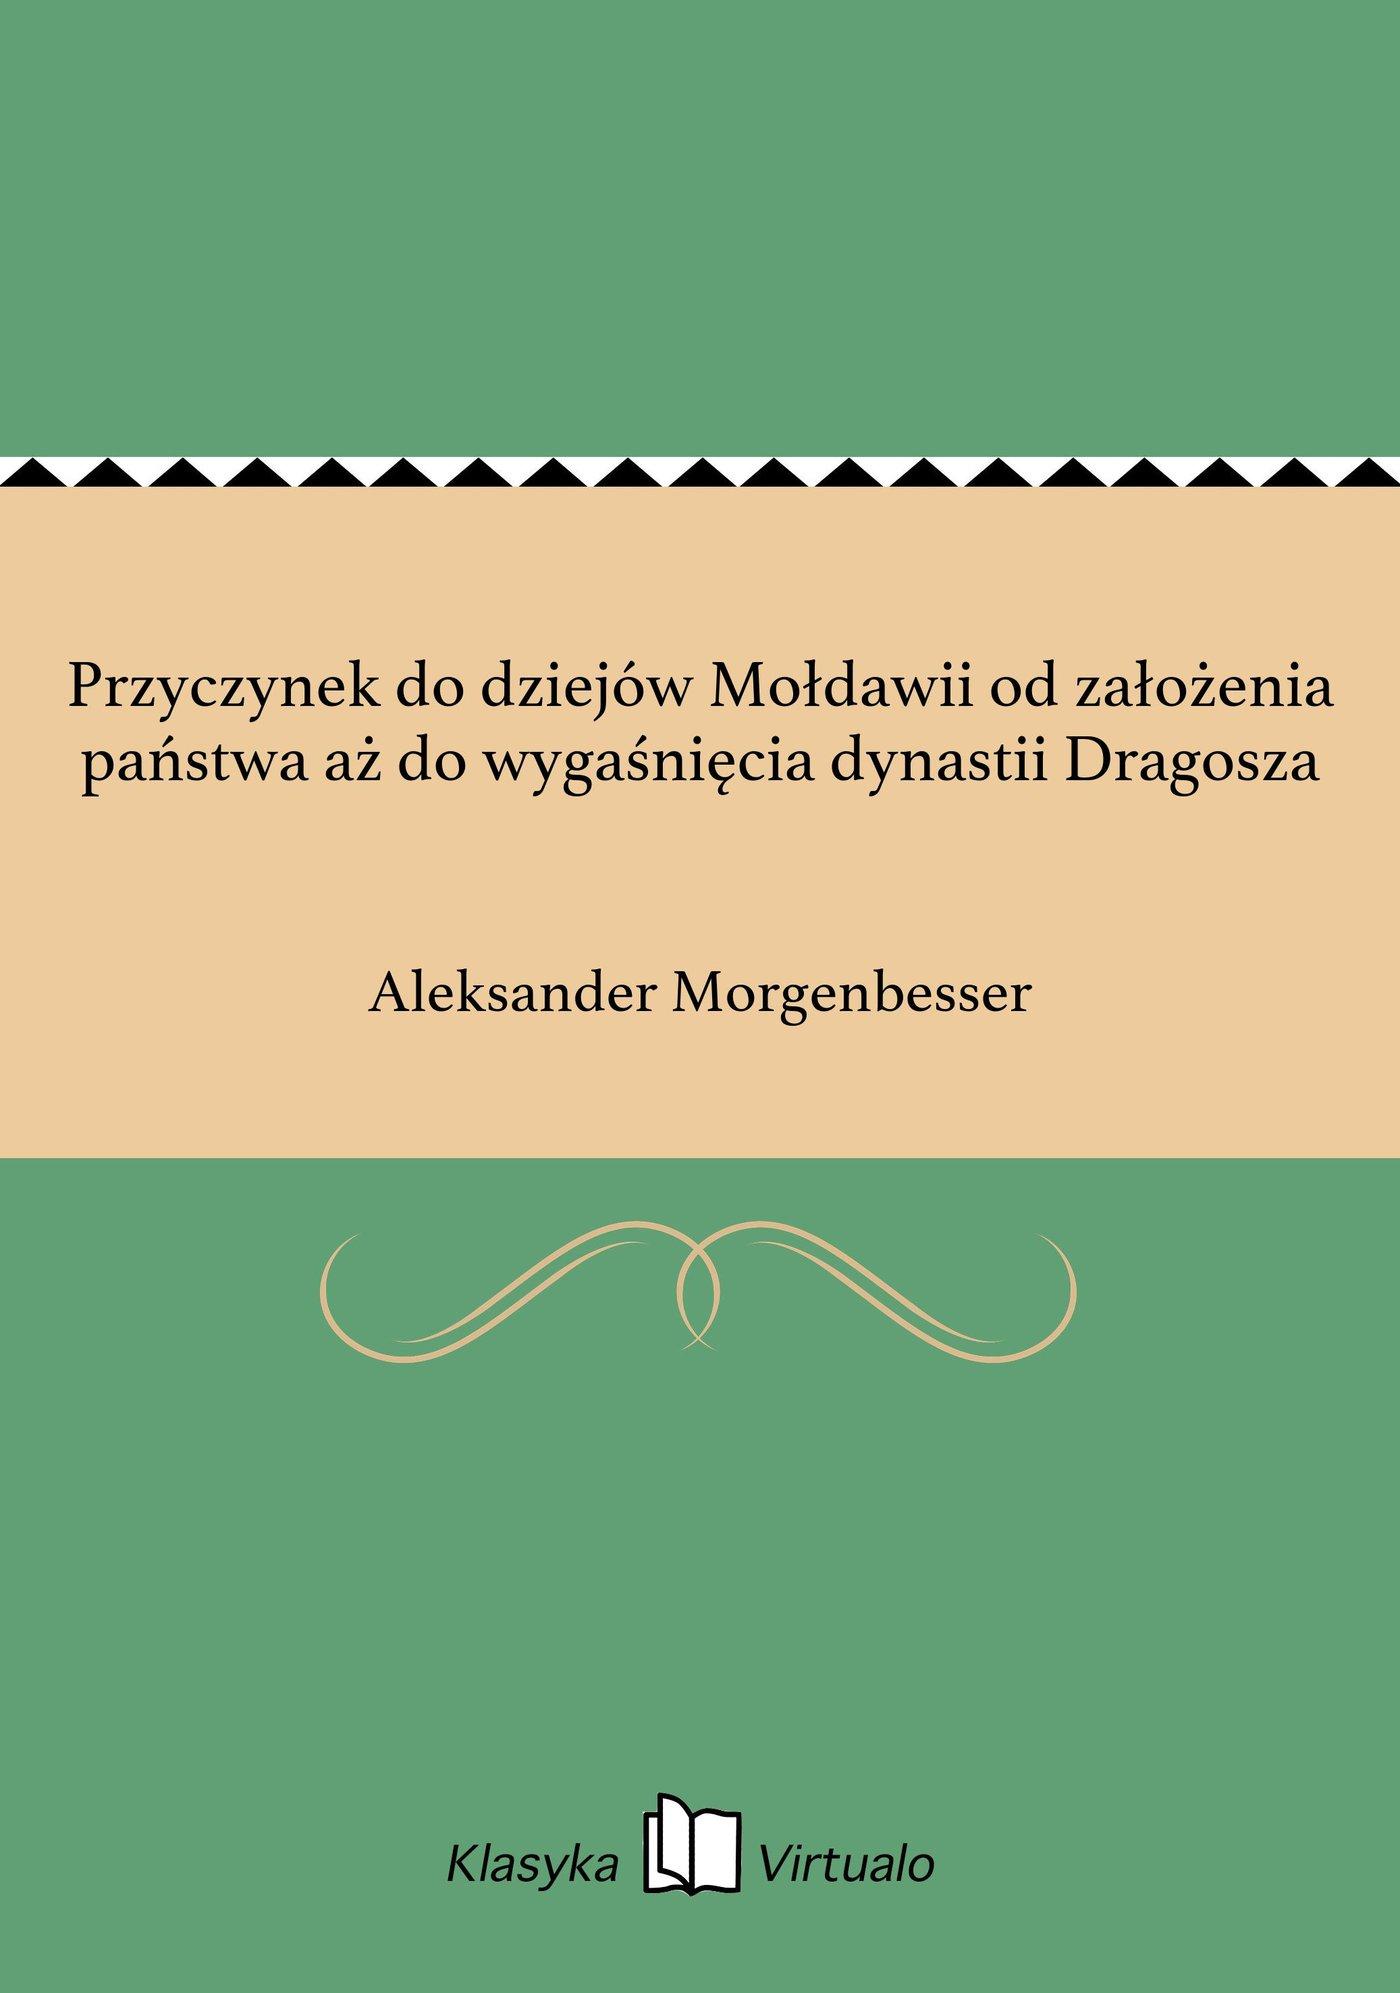 Przyczynek do dziejów Mołdawii od założenia państwa aż do wygaśnięcia dynastii Dragosza - Ebook (Książka EPUB) do pobrania w formacie EPUB